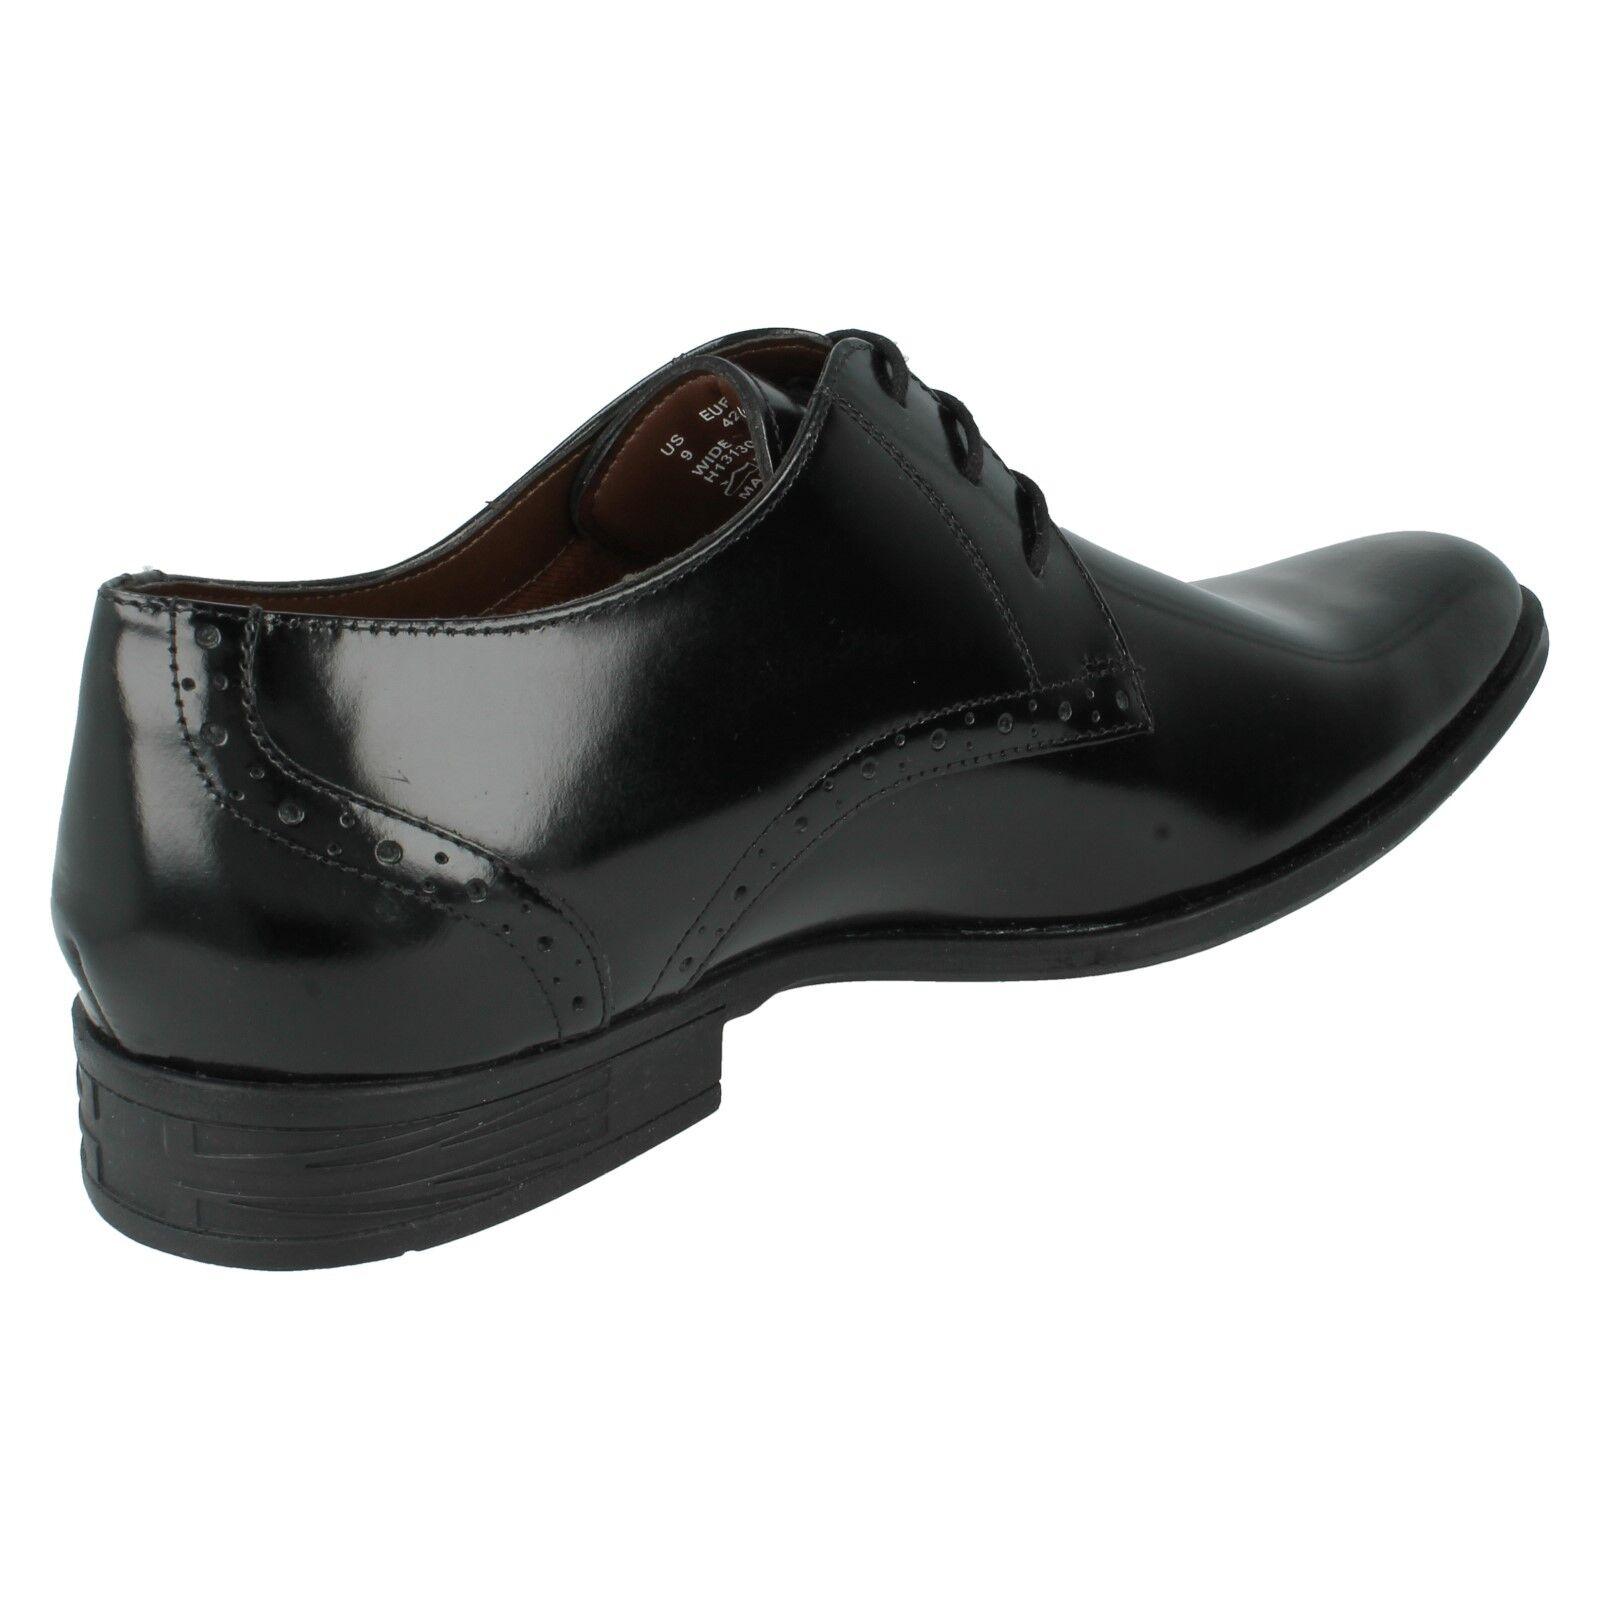 Hush Puppies cordón de cuero cuero cuero negro para hombre Formal corte ancho 1fa4fe